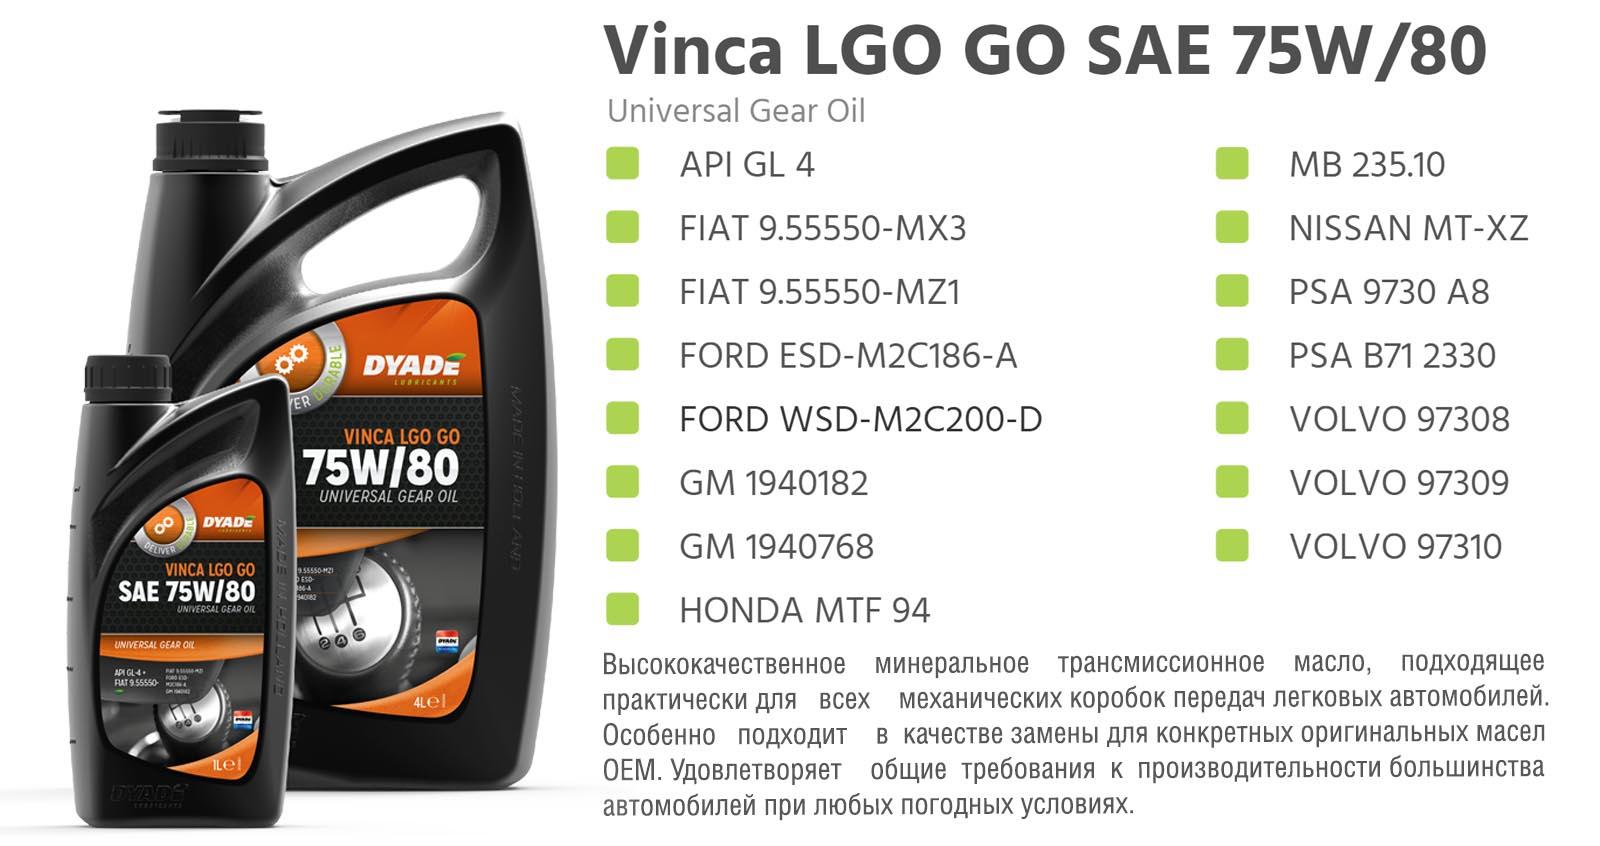 Масло трансмиссионное Vinca LGO GO GL4+ SAE 75W80 (1L) 086721 dyadelubricants